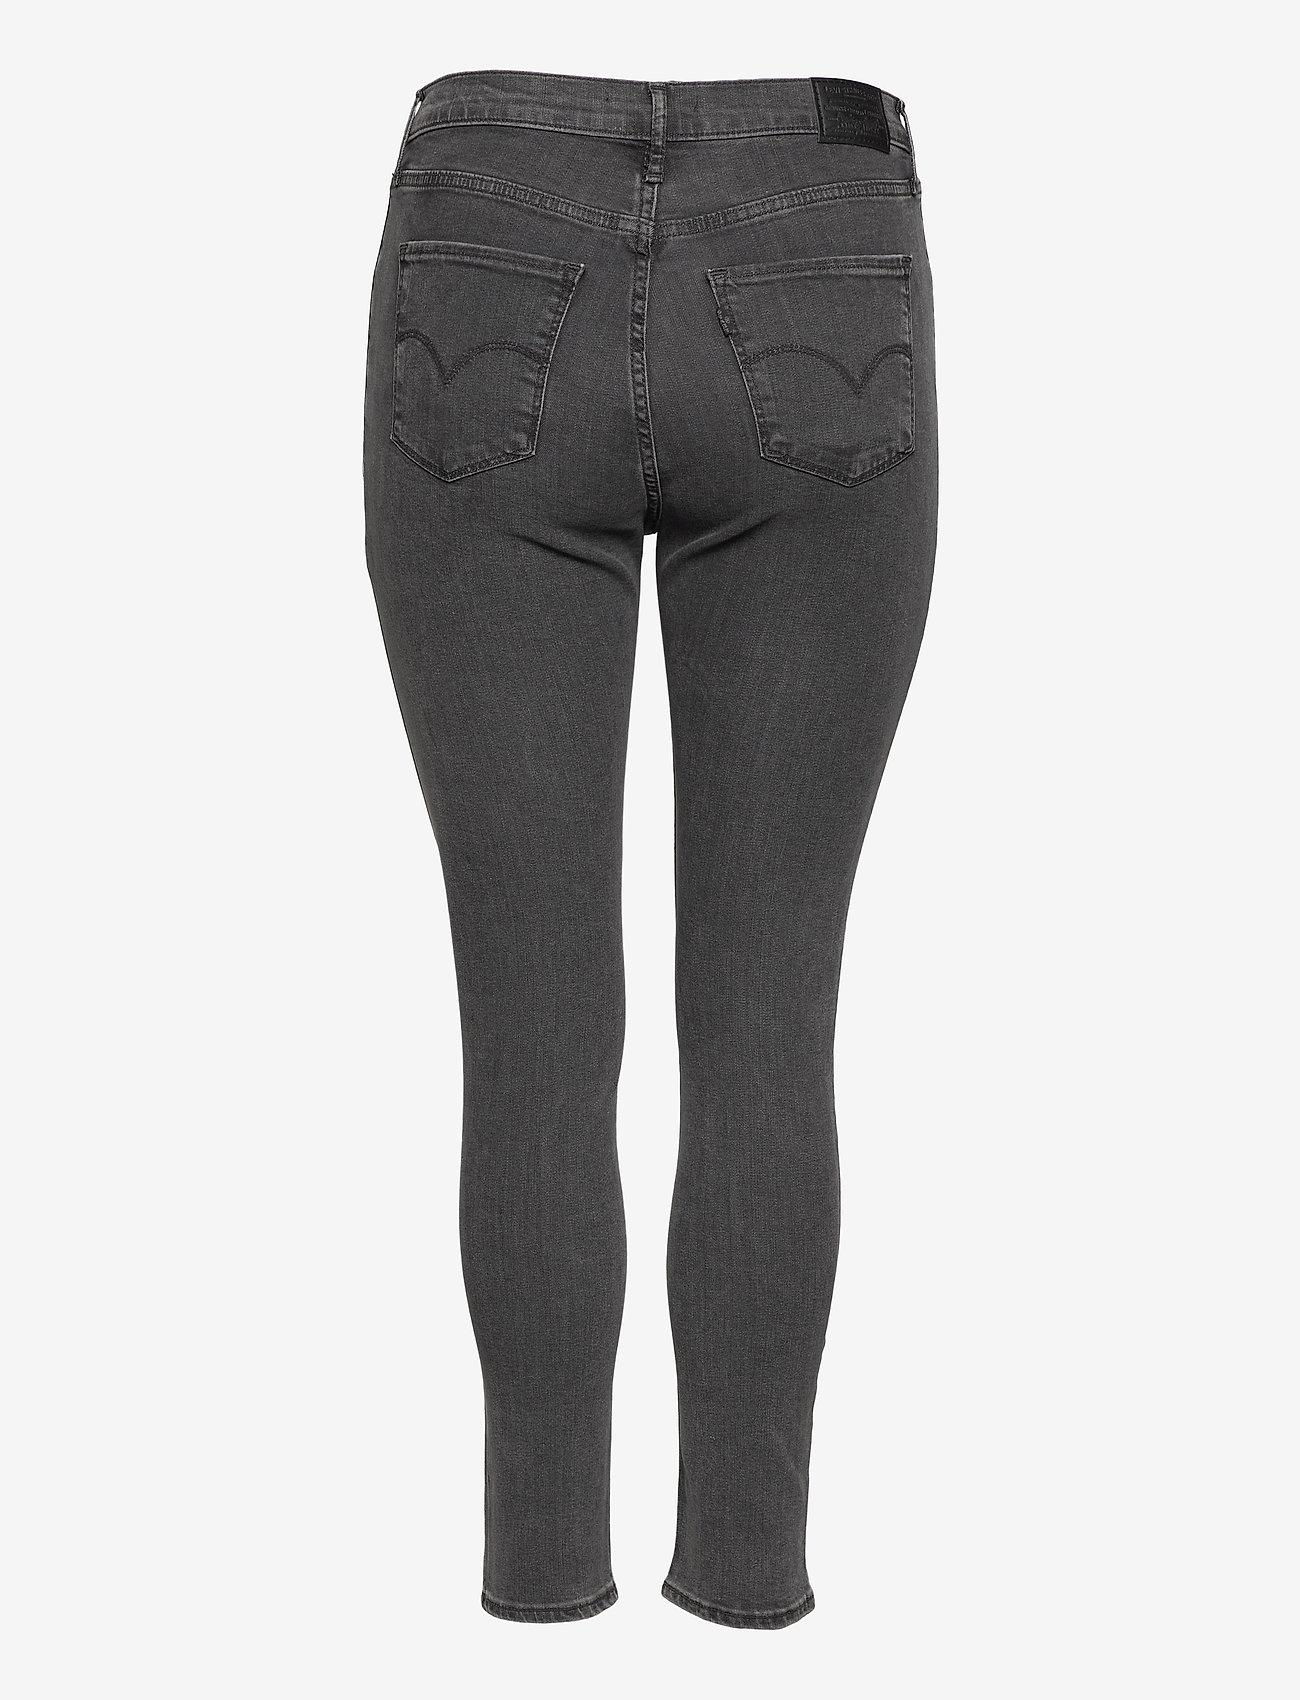 Levi's Plus Size - 721 PL HIRISE SKINNY TRUE GRIT - skinny jeans - blacks - 1